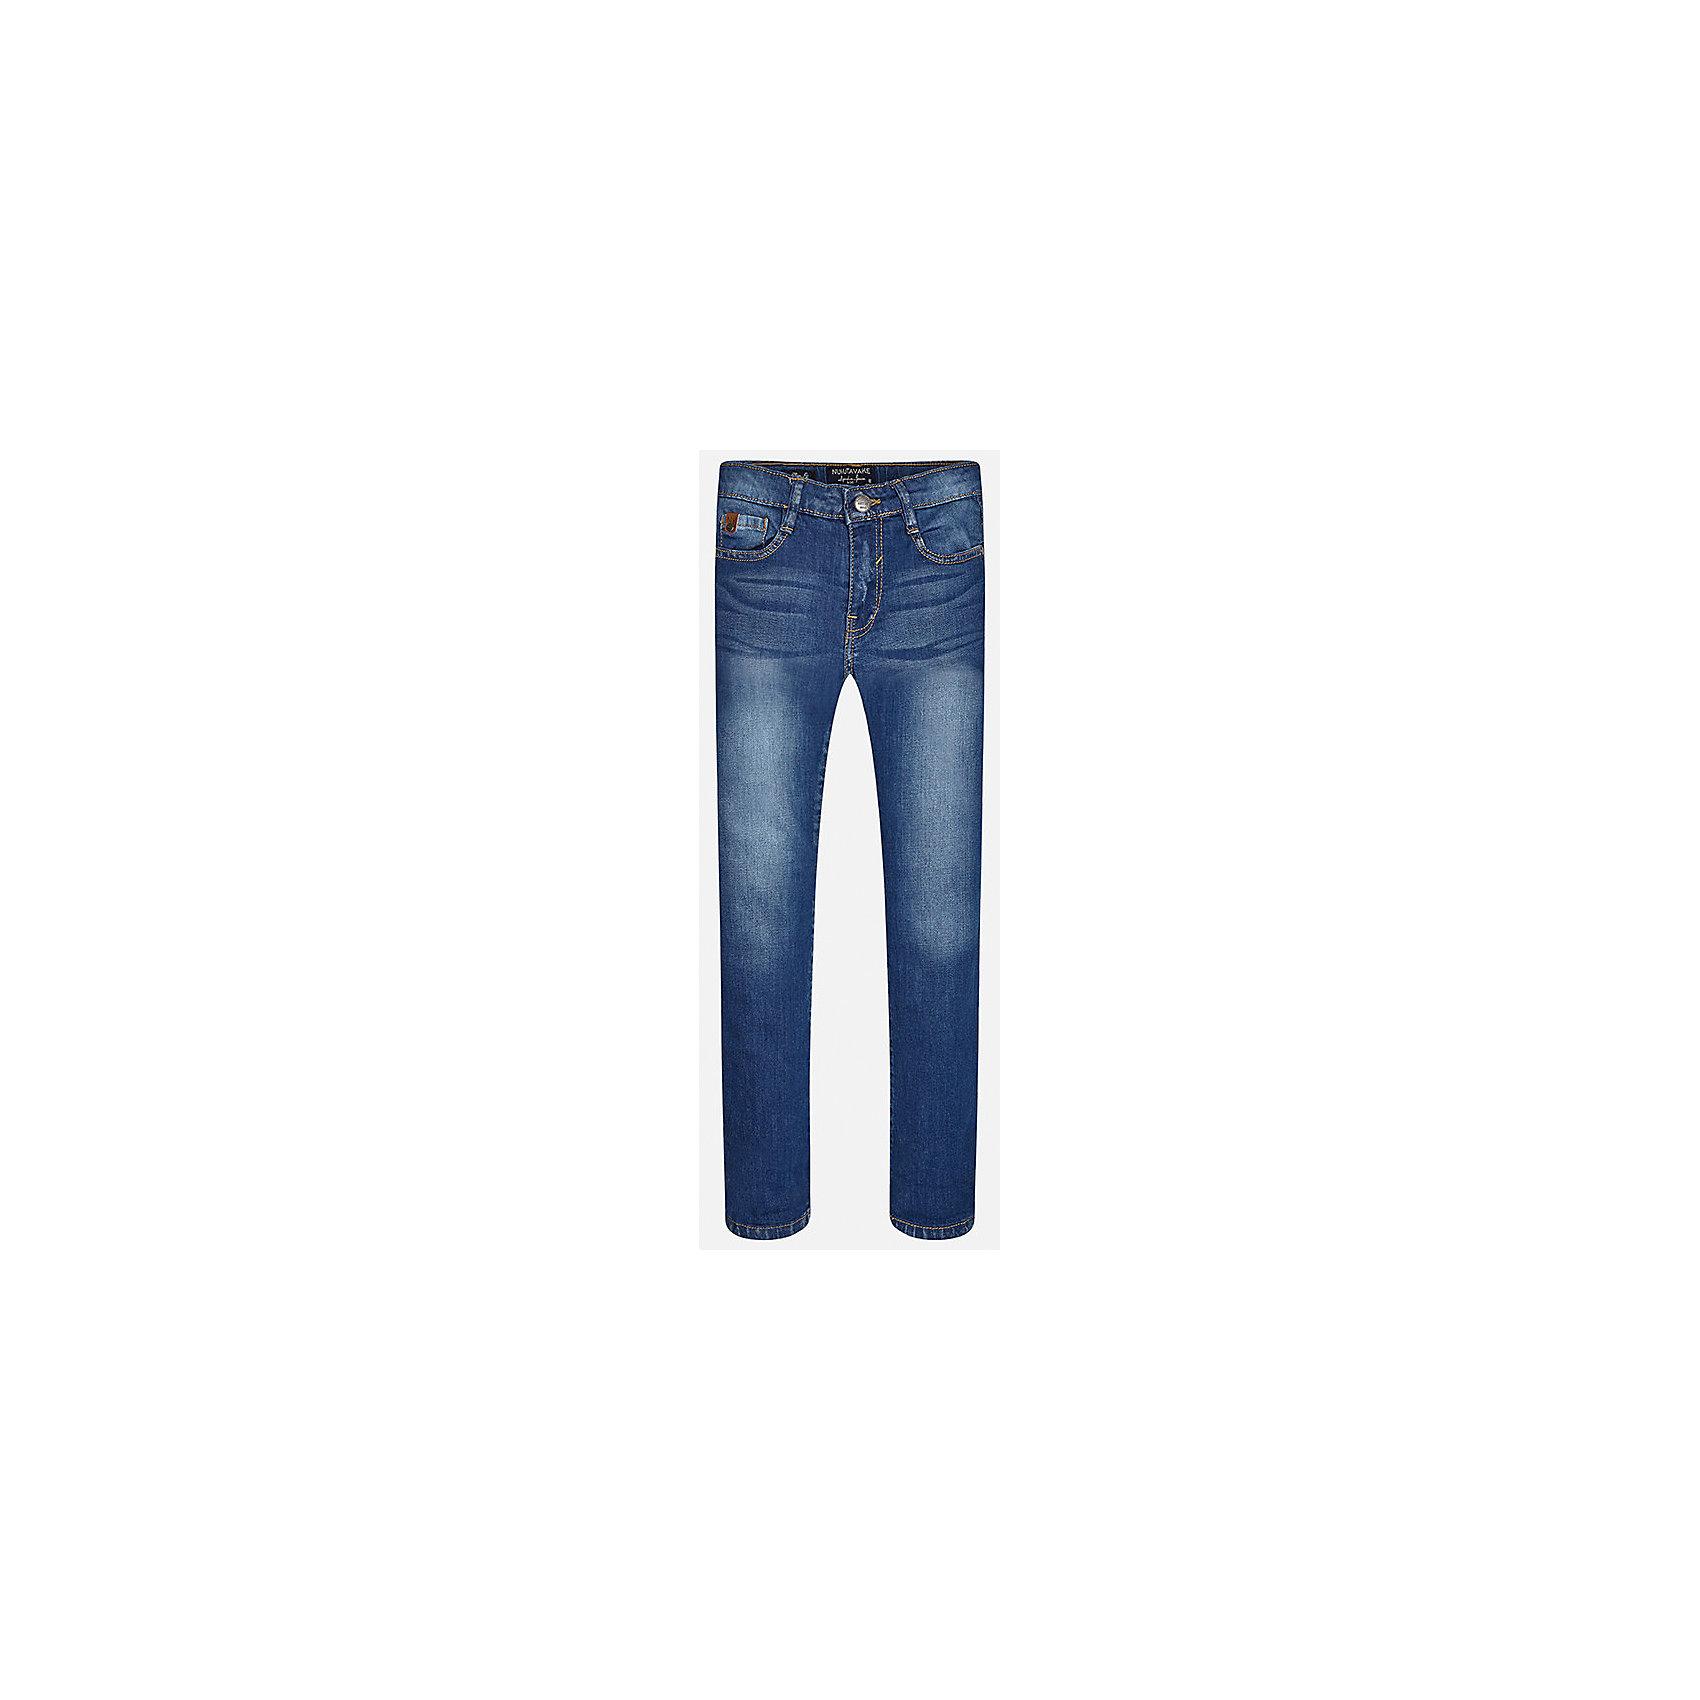 Джинсы для мальчика MayoralДжинсовая одежда<br>Характеристики товара:<br><br>• цвет: синий<br>• состав: 97% хлопок, 3% эластан<br>• эффект потертости<br>• карманы<br>• пояс с регулировкой объема<br>• шлевки<br>• страна бренда: Испания<br><br>Стильные джинсы для мальчика смогут разнообразить гардероб ребенка и украсить наряд. Они отлично сочетаются с майками, футболками, блузками. Красивый оттенок позволяет подобрать к вещи верх разных расцветок. Интересный крой модели делает её нарядной и оригинальной. В составе материала - натуральный хлопок, гипоаллергенный, приятный на ощупь, дышащий.<br><br>Одежда, обувь и аксессуары от испанского бренда Mayoral полюбились детям и взрослым по всему миру. Модели этой марки - стильные и удобные. Для их производства используются только безопасные, качественные материалы и фурнитура. Порадуйте ребенка модными и красивыми вещами от Mayoral! <br><br>Джинсы для мальчика от испанского бренда Mayoral (Майорал) можно купить в нашем интернет-магазине.<br><br>Ширина мм: 215<br>Глубина мм: 88<br>Высота мм: 191<br>Вес г: 336<br>Цвет: синий<br>Возраст от месяцев: 132<br>Возраст до месяцев: 144<br>Пол: Мужской<br>Возраст: Детский<br>Размер: 158,170,140,152,128/134,164<br>SKU: 5278148